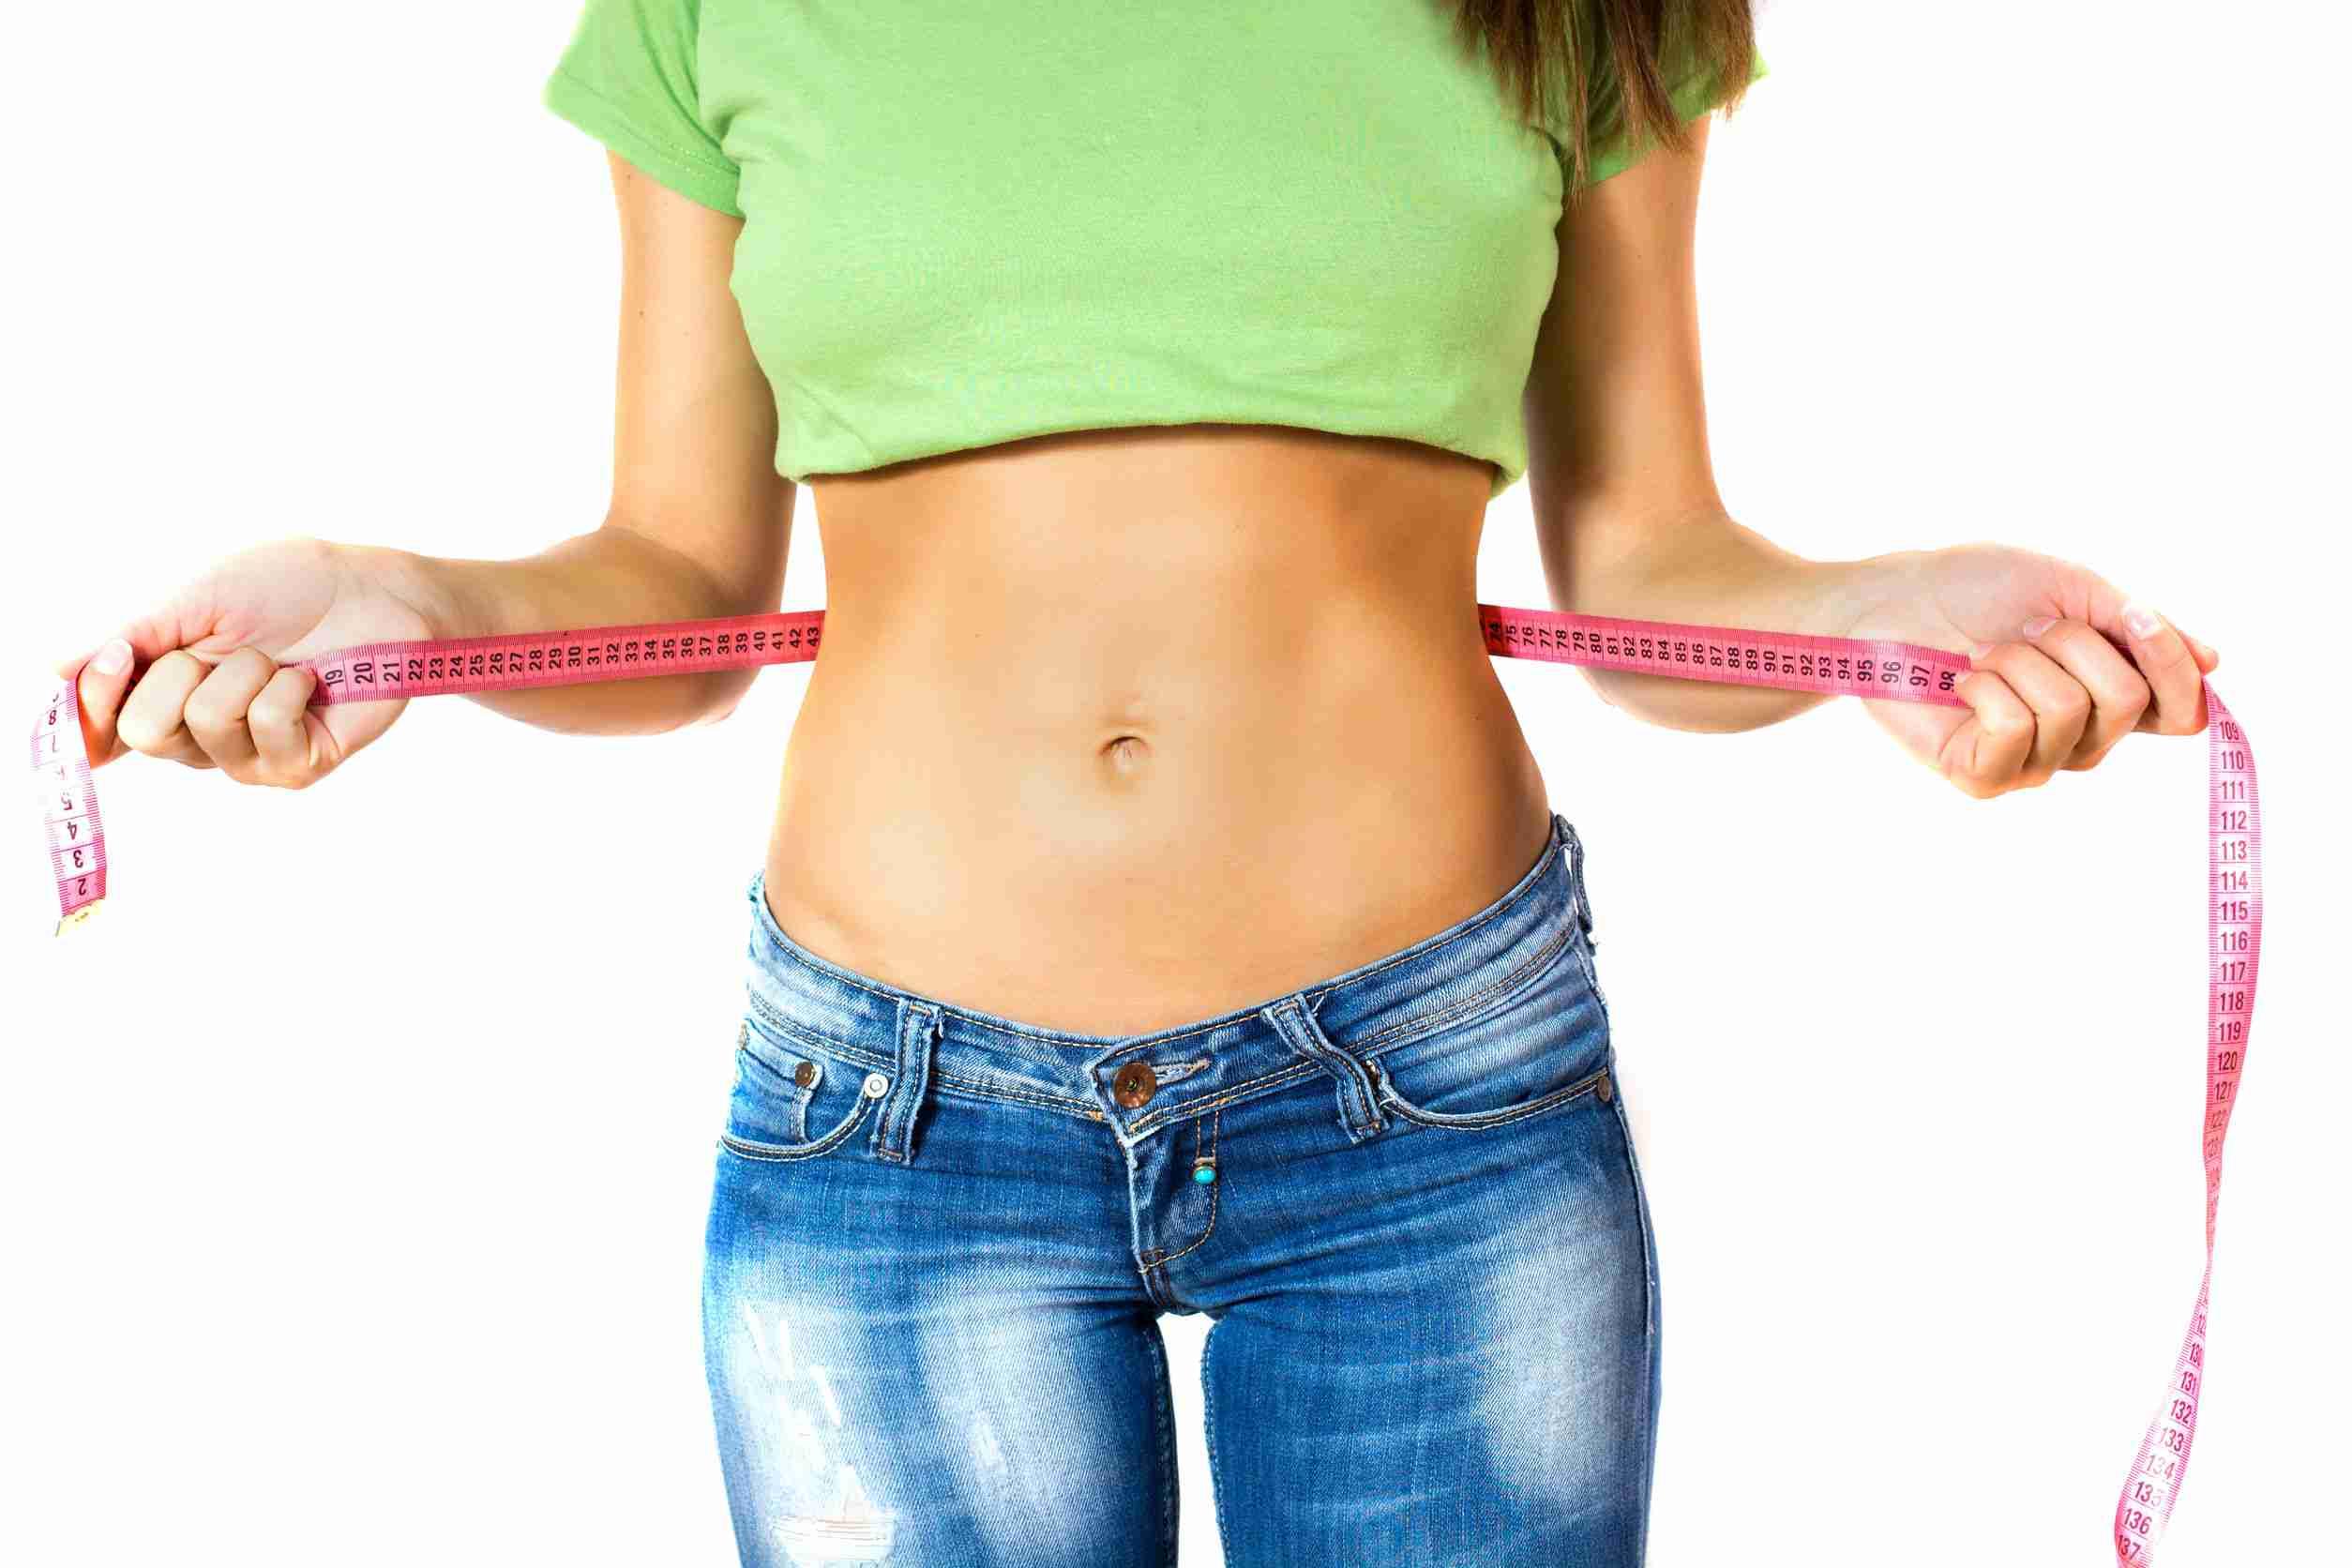 金スマでも放送された腸活ダイエットのやり方や食事・レシピは?